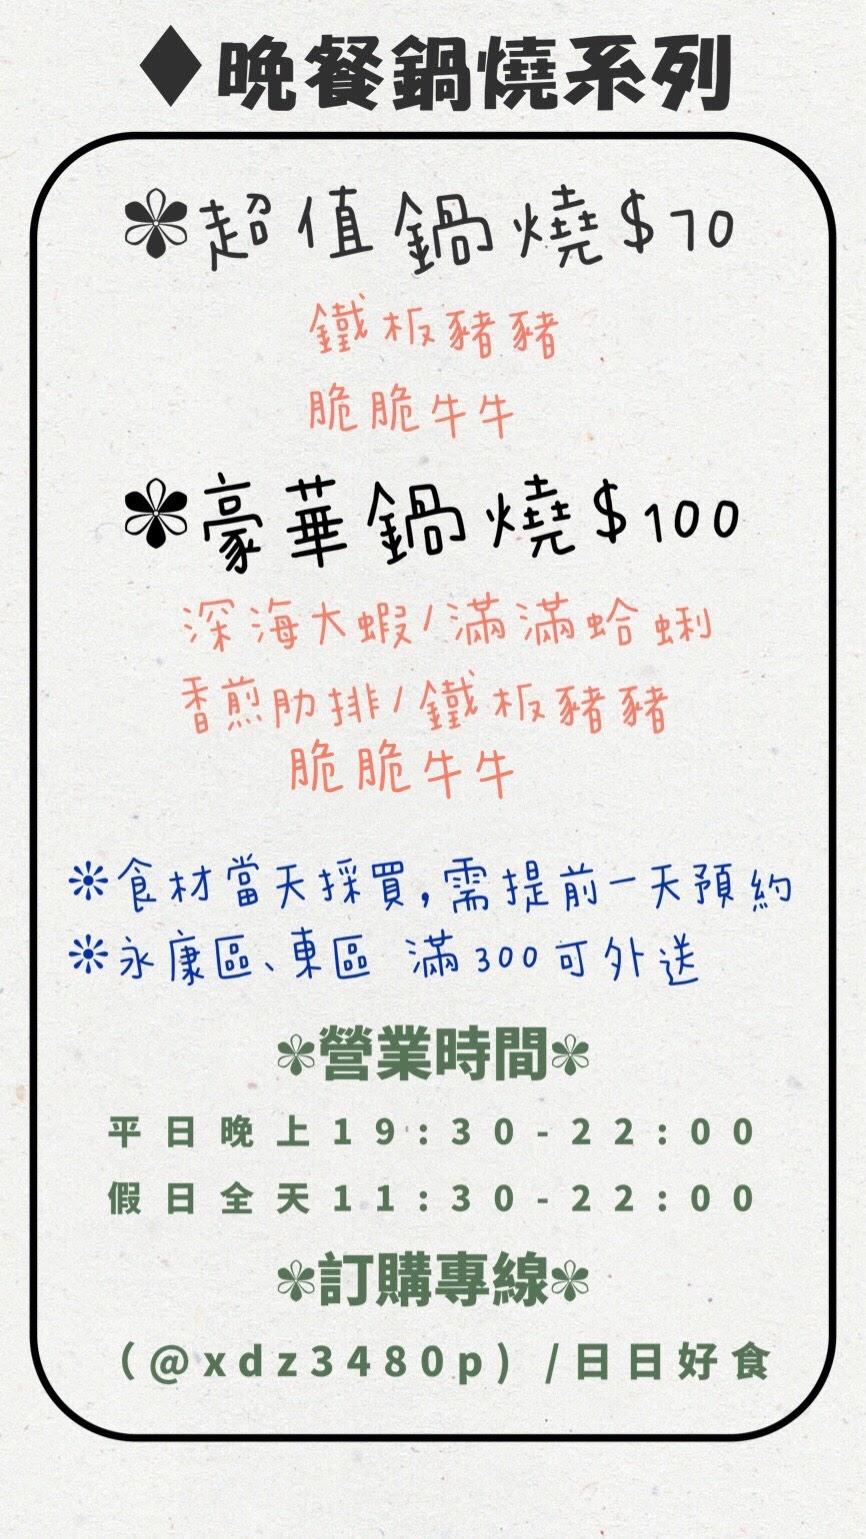 【防疫美食推薦】高CP外送外帶熱門低卡餐盒《日日好食》均一價80元,份量超多食材用料不手軟,除了賣爆紅的蘿蔔糕以外,也是台南首間低卡餐!